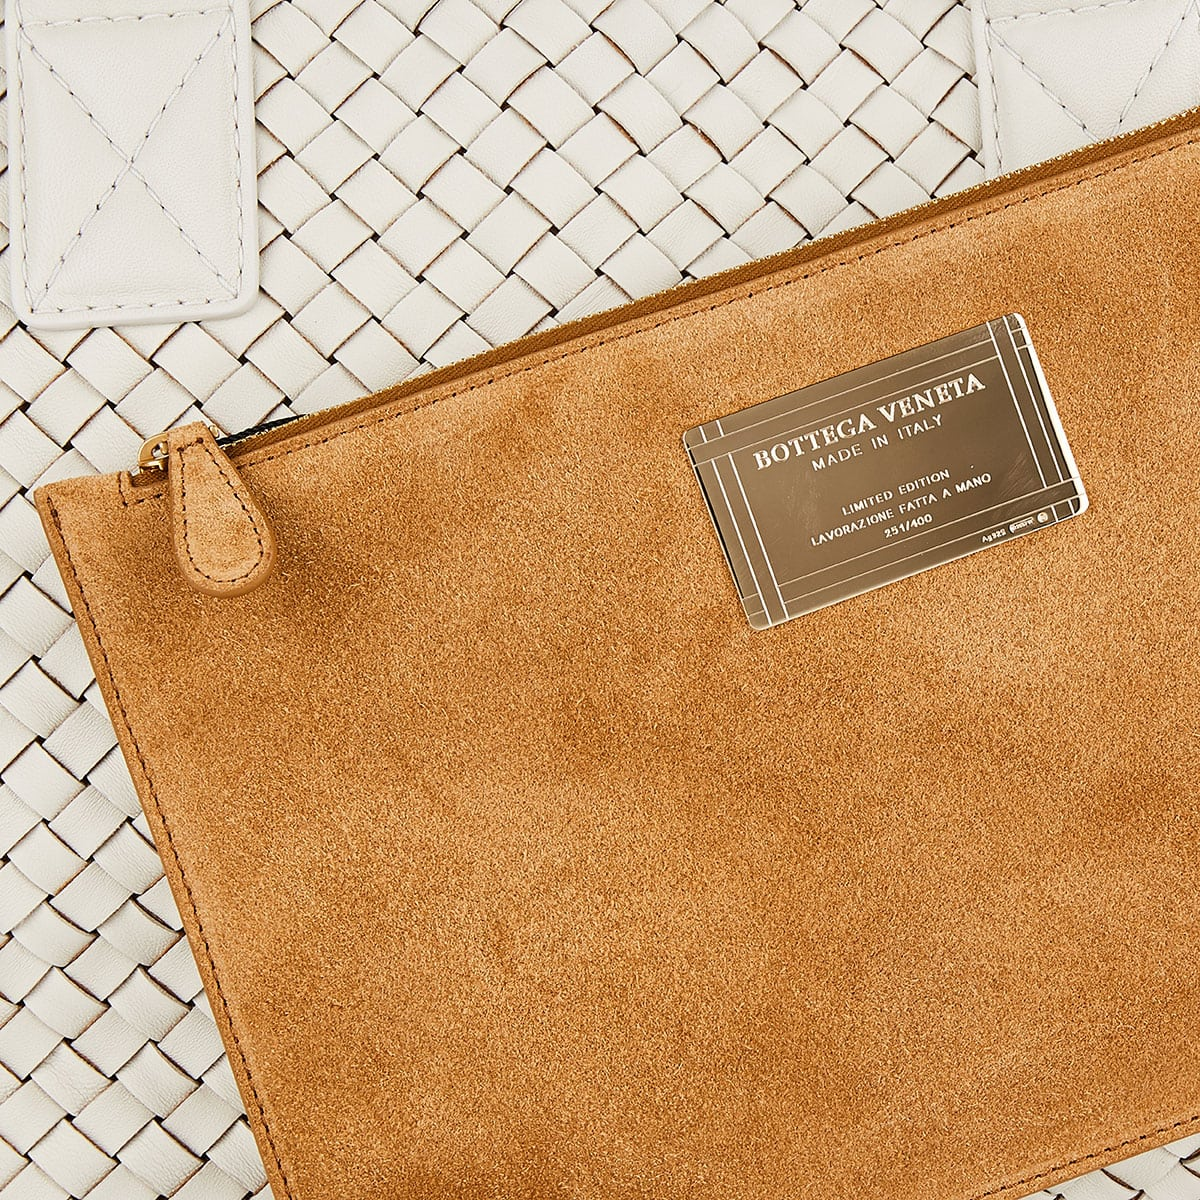 Cabat Intrecciato small leather tote